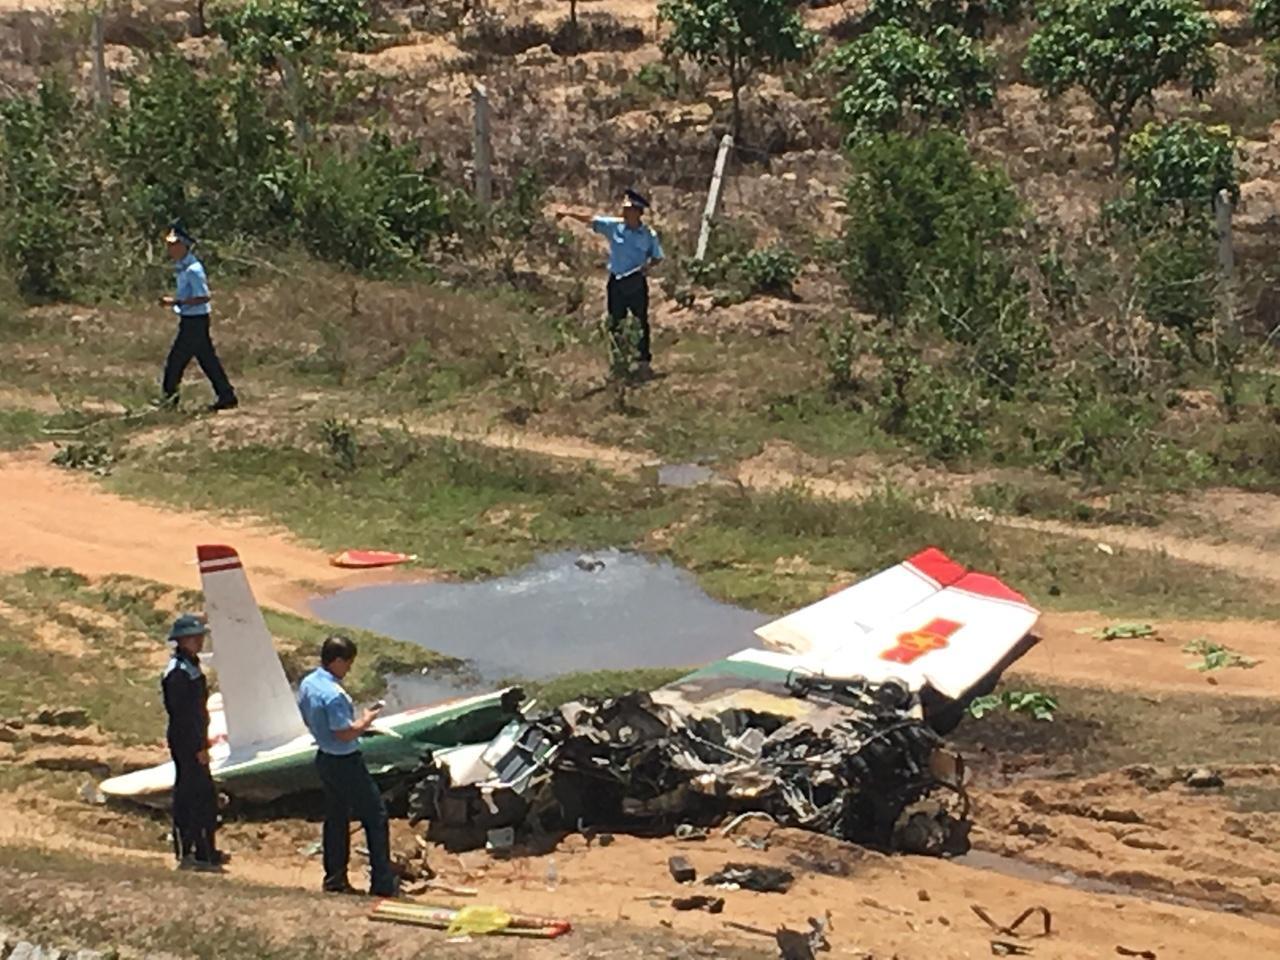 CLIP: Hiện trường vụ rơi máy bay ở Khánh Hòa, 2 phi công tử nạn Ảnh 2